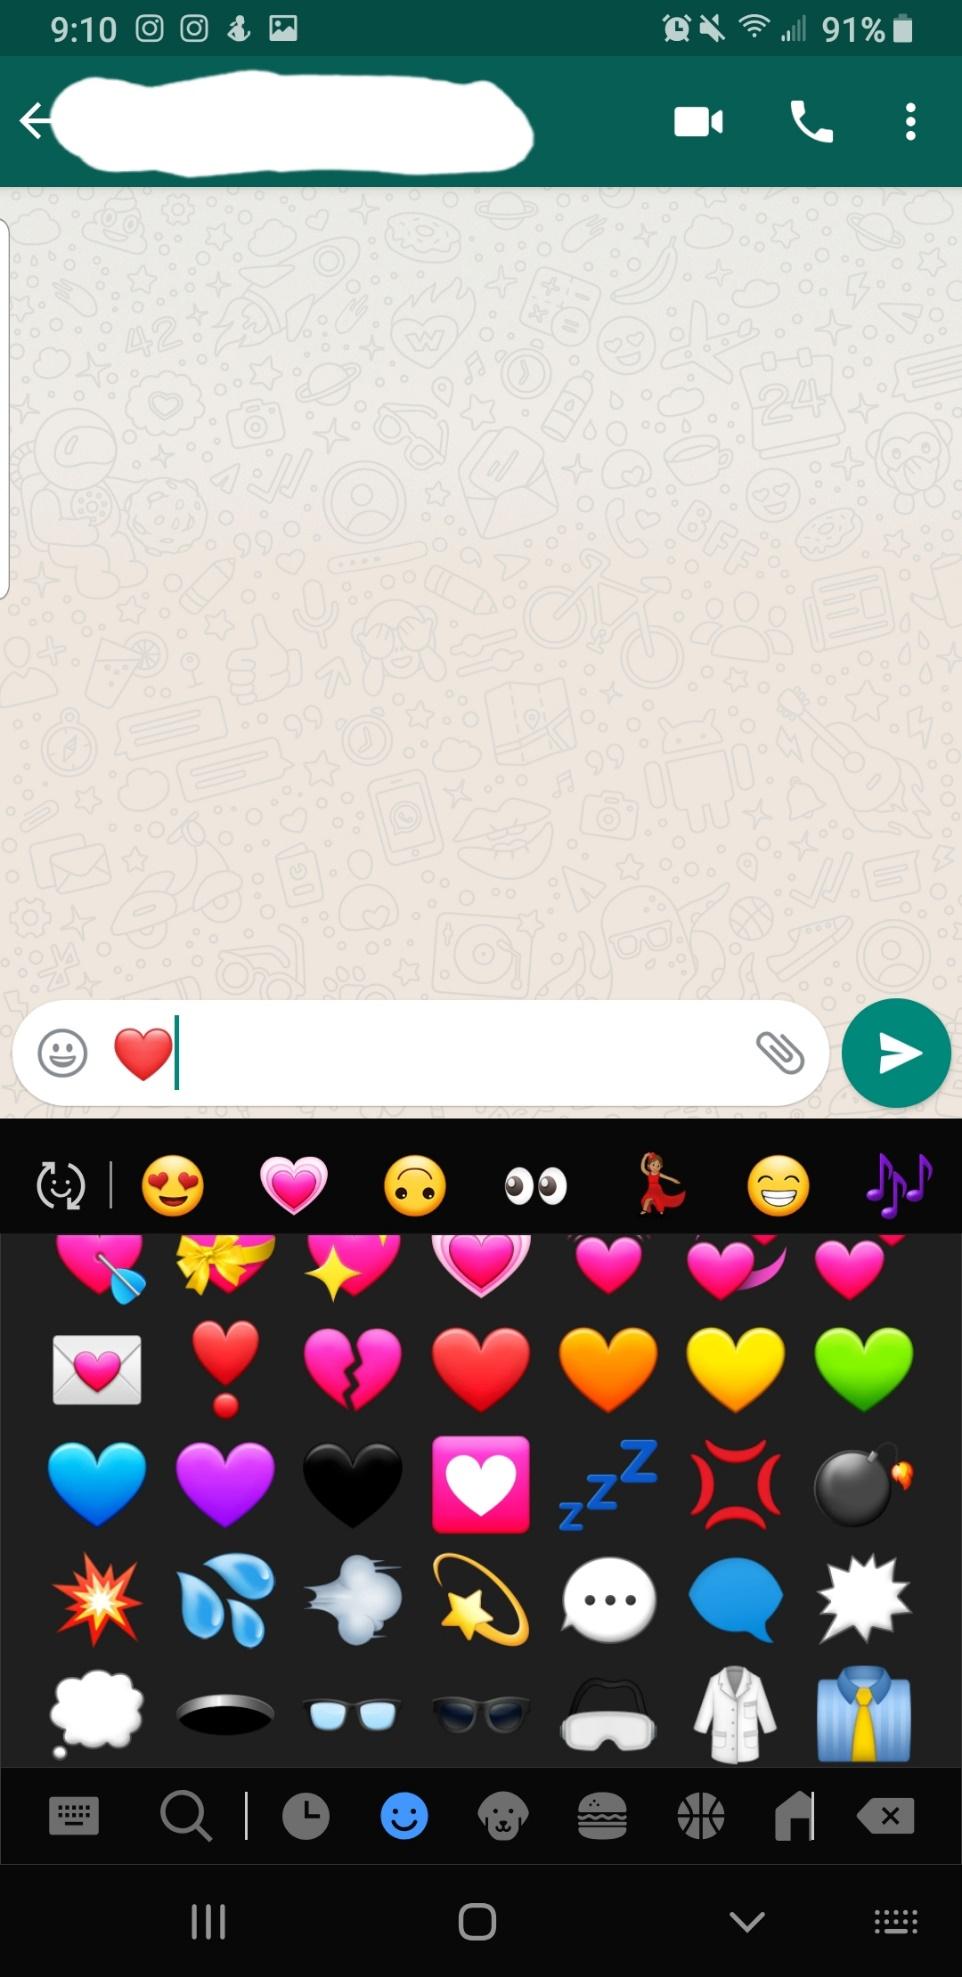 Cómo enviar el corazón palpitante Emoji en WhatsApp 4